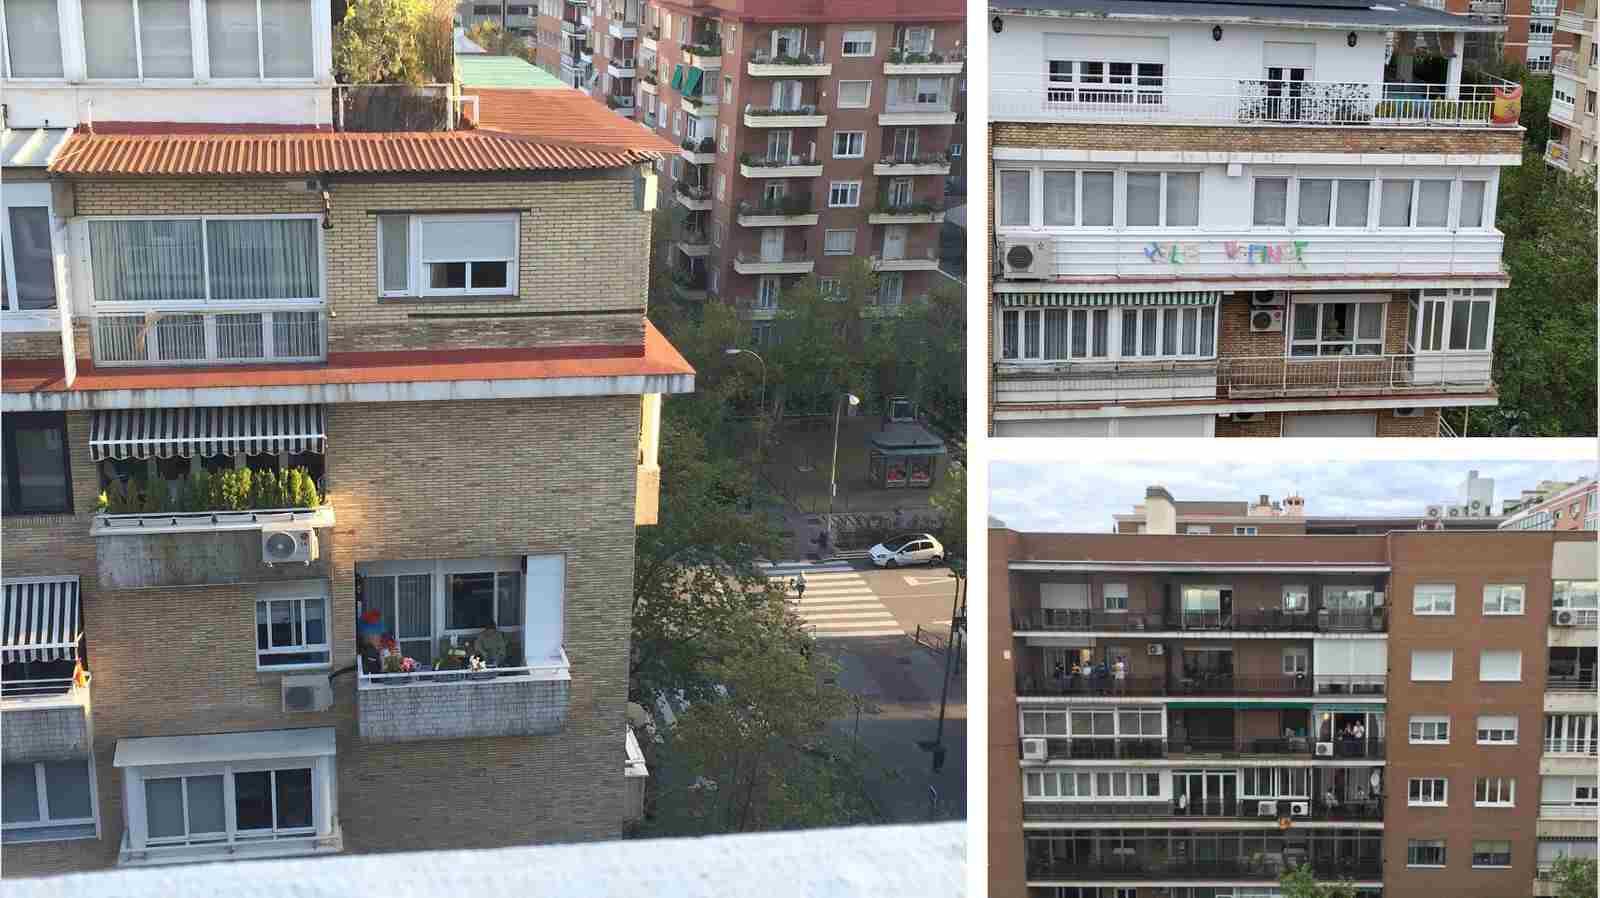 Confinamiento en Madrid - una ciudad, distintas realidades 7